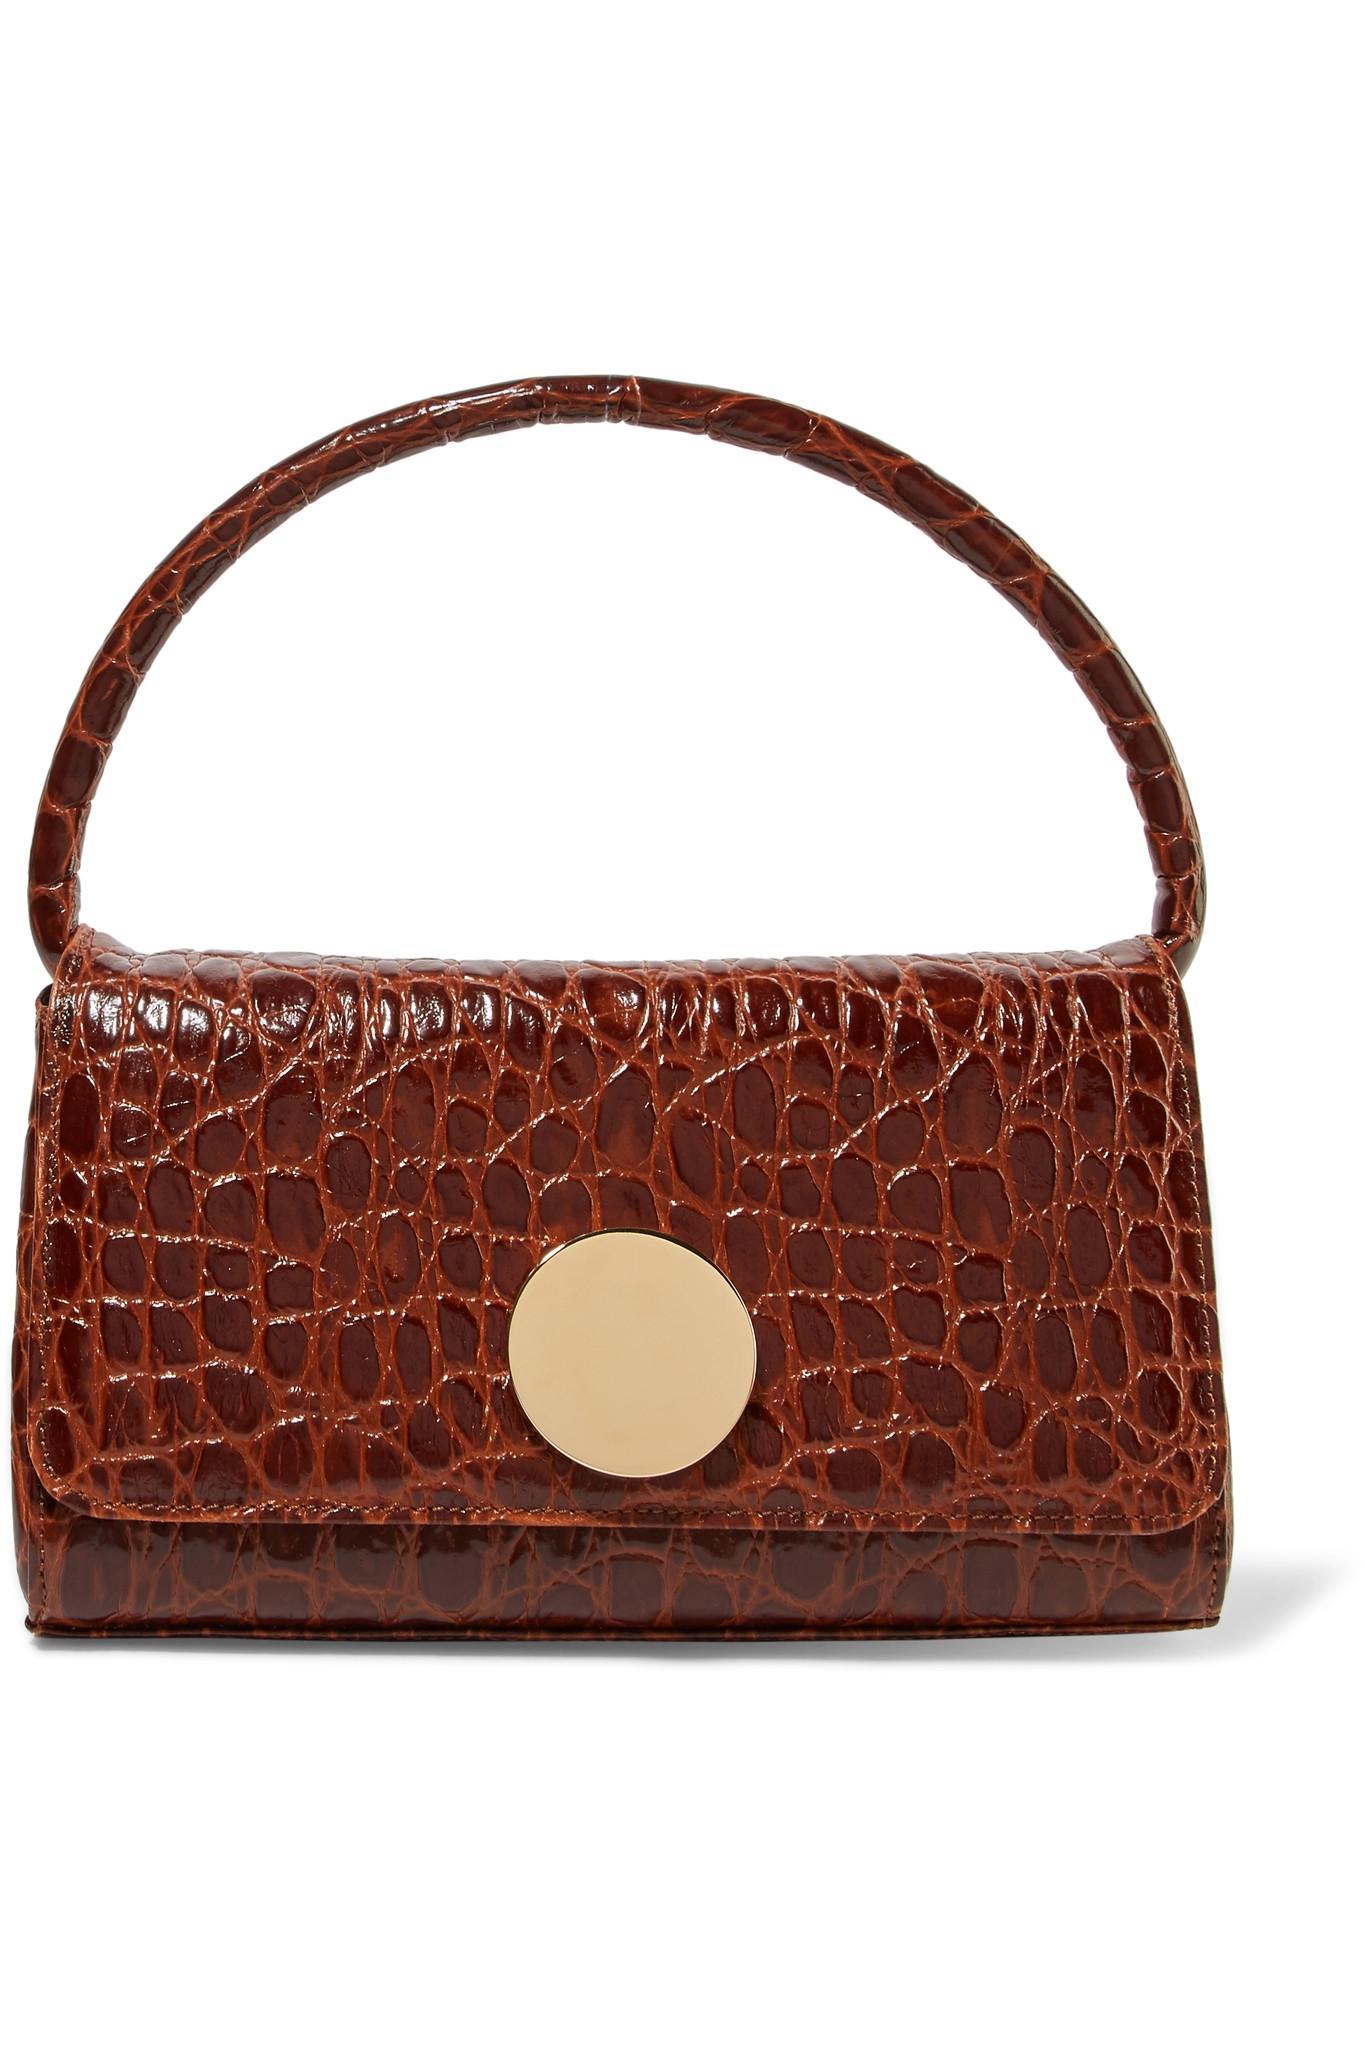 0cb5b71728 Little Liffner Baguette Croc-effect Leather Shoulder Bag in Brown - Lyst